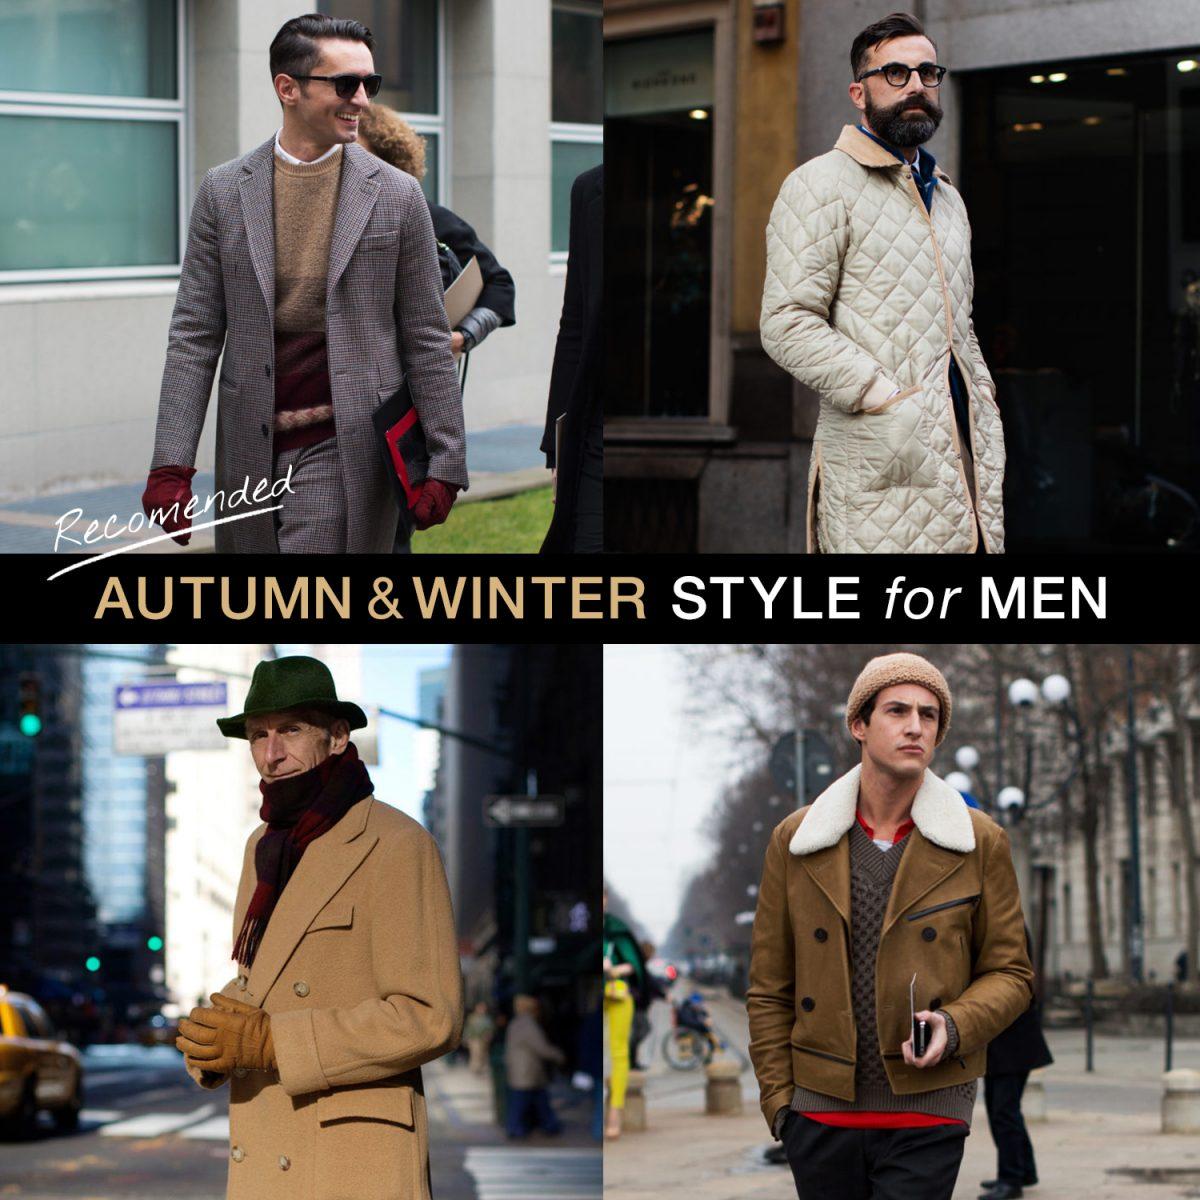 気温10度前後の秋冬メンズ服とは?おすすめコートなどを紹介!